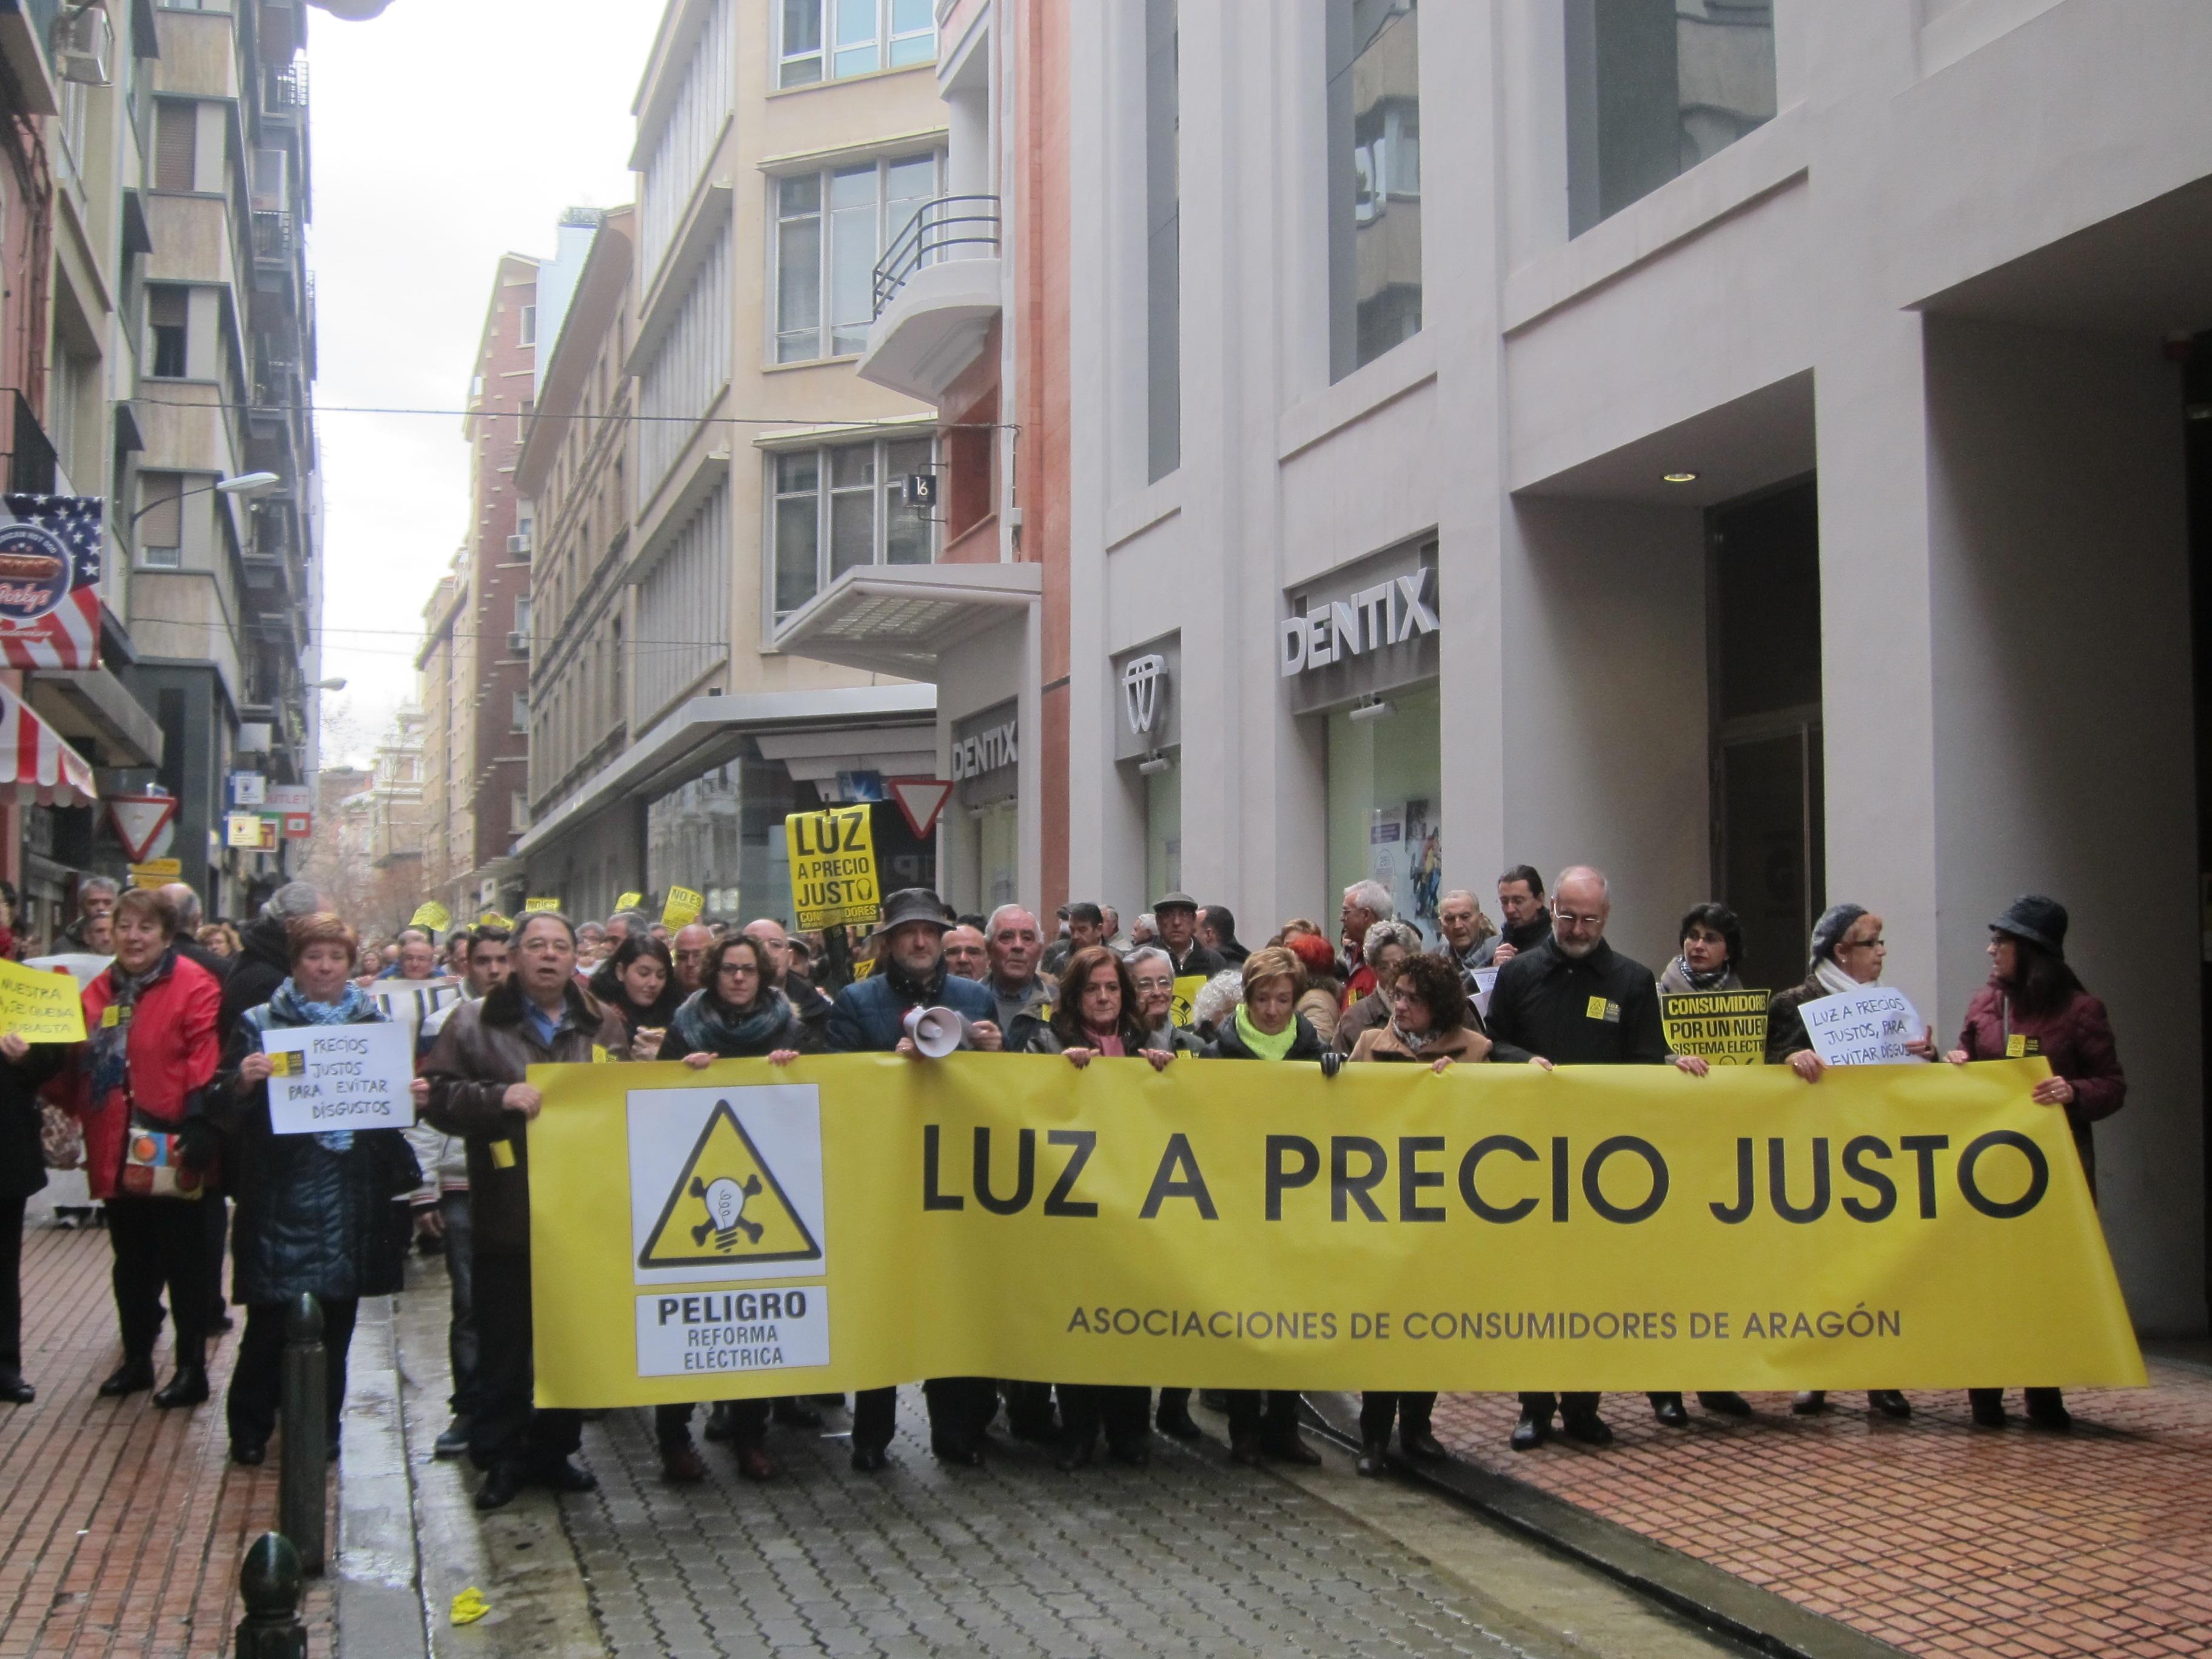 Todas las asociaciones de consumidores de Aragón se manifiestan para pedir luz a precio justo